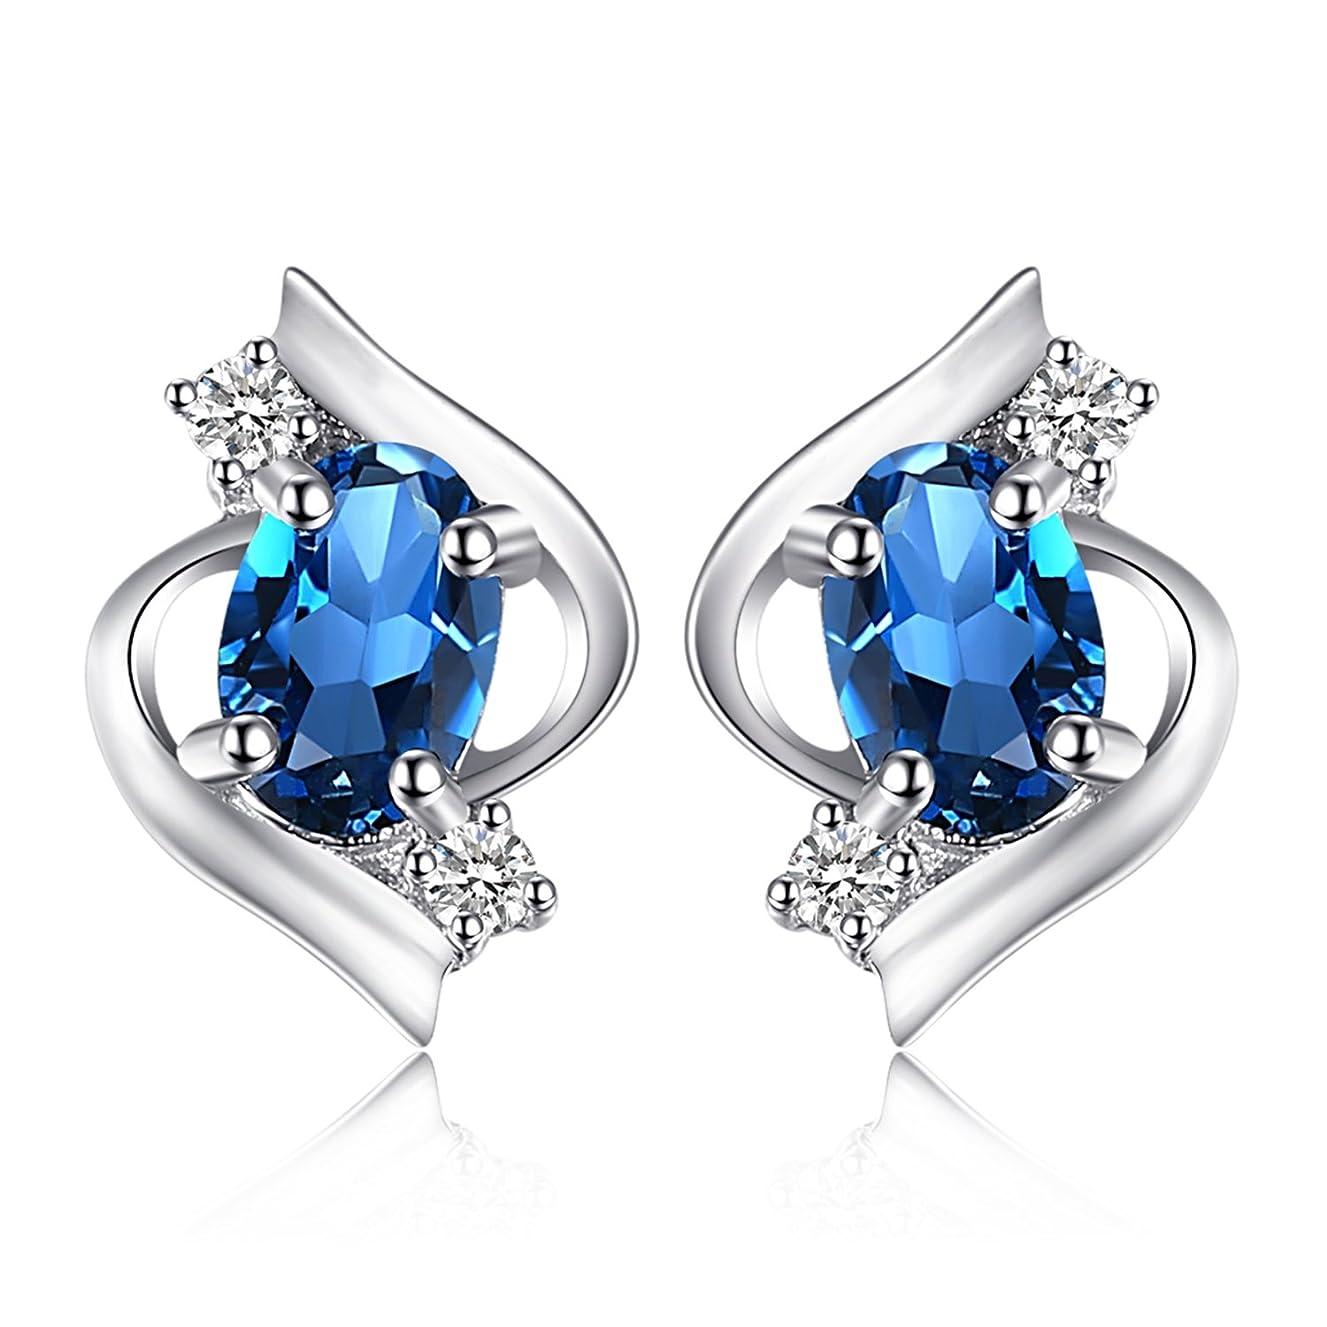 忘れられない一時停止銀JewelryPalace 女性 宝石 天然石 11月 誕生石 ロンドンブルー トパース ピアス スタッド スターリング シルバー 925 人気